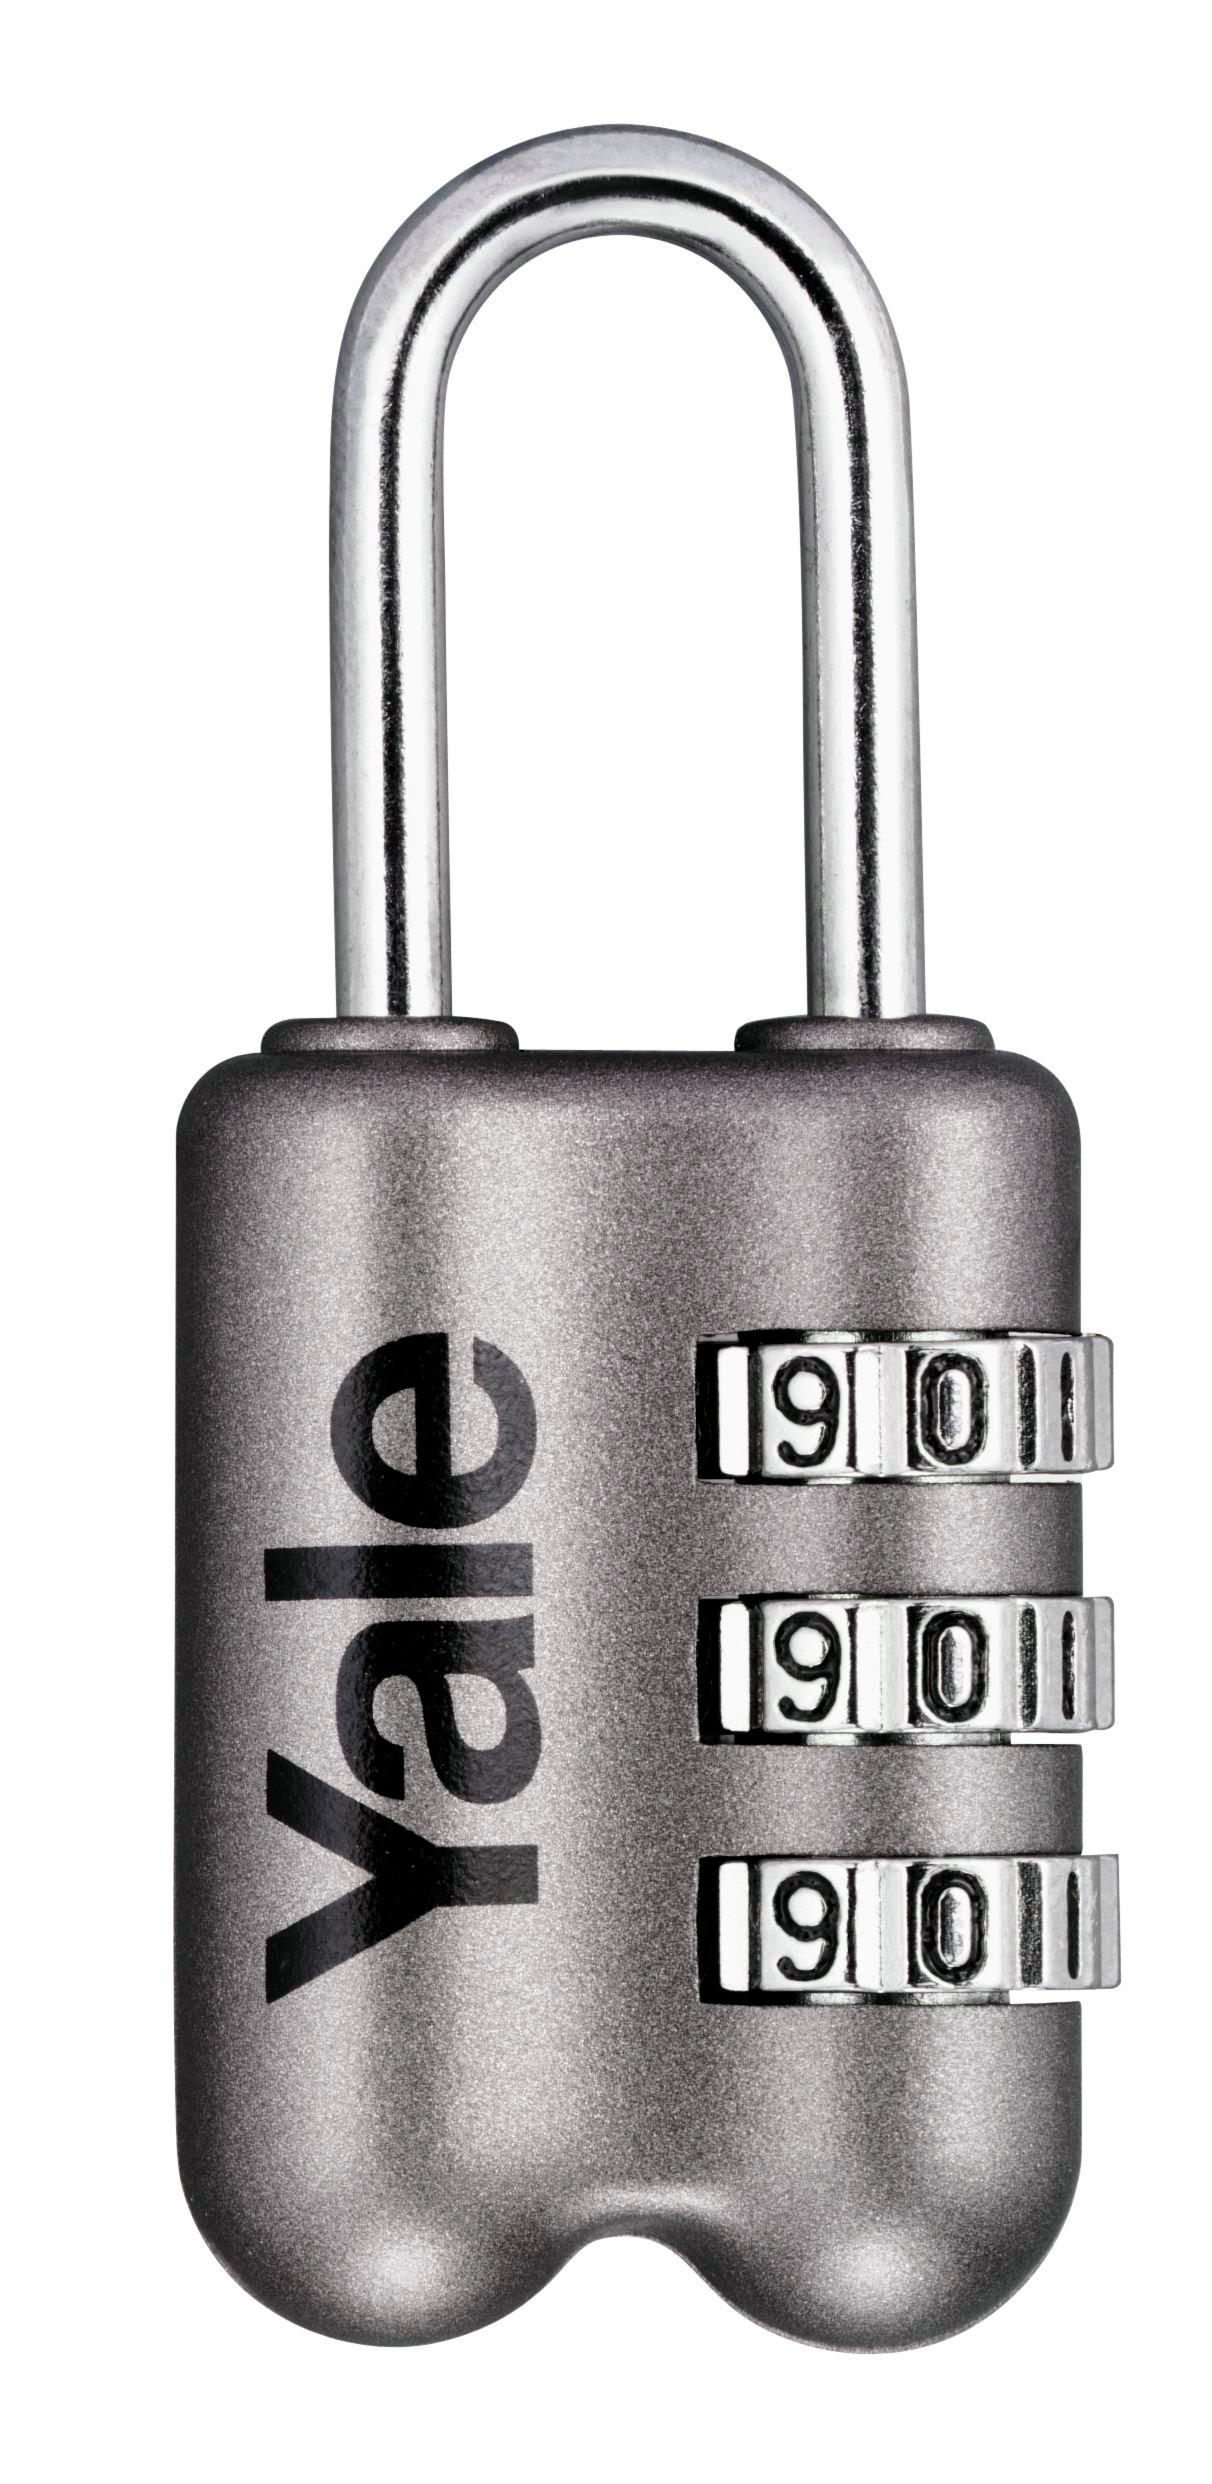 YP2 - Tugevdatud metallist korpusega kohvrilukk